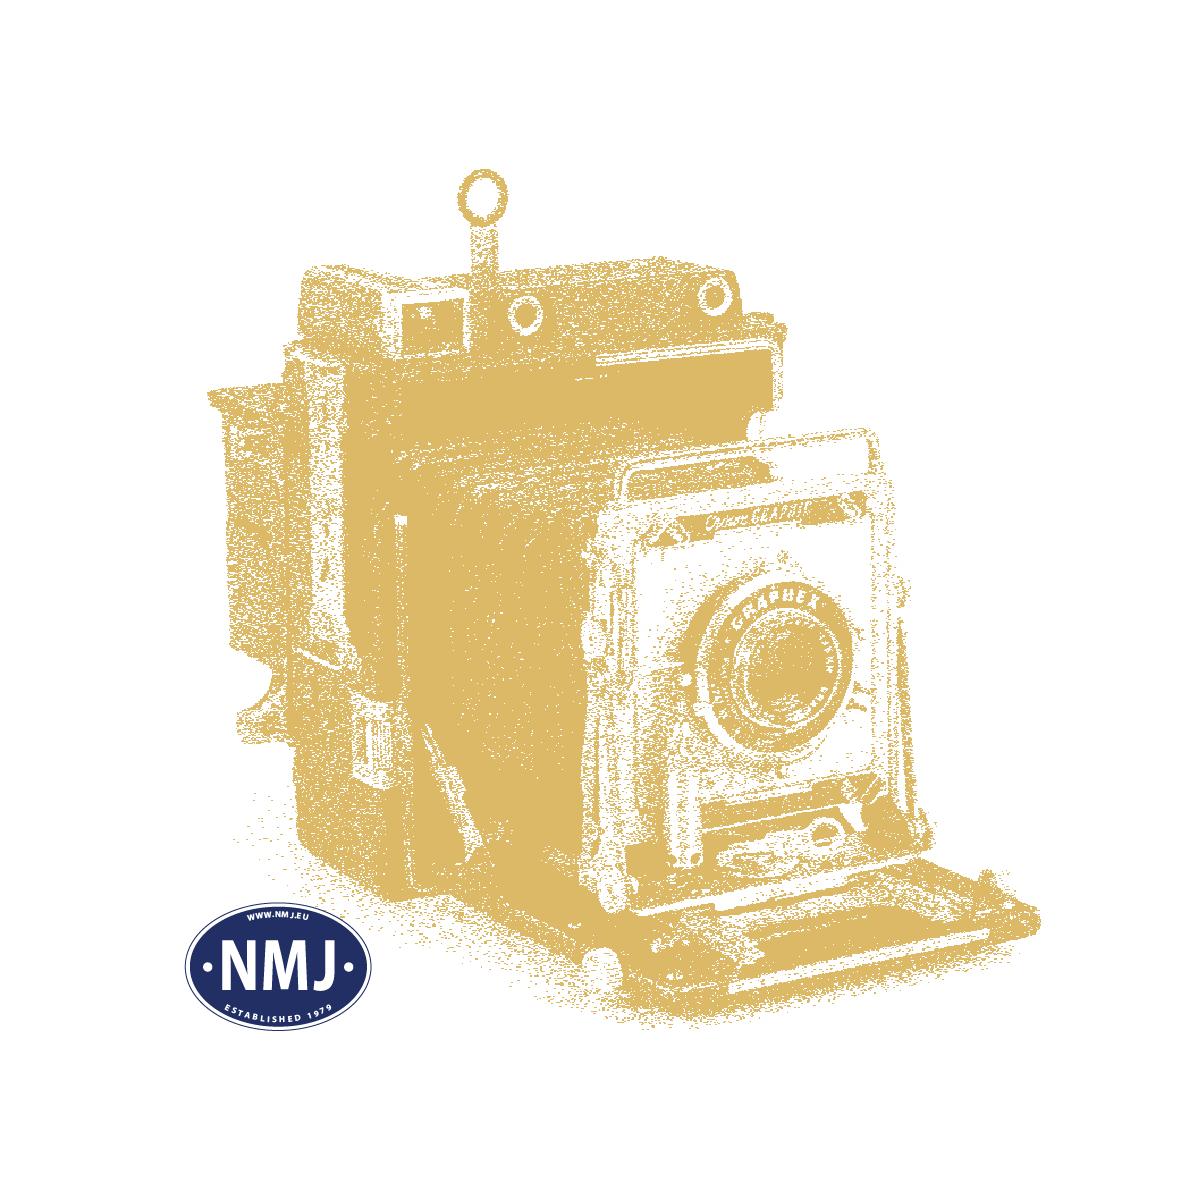 NMJT94002 - NMJ Topline SJ Y1 1275, Oransje, DCC m/ Lyd